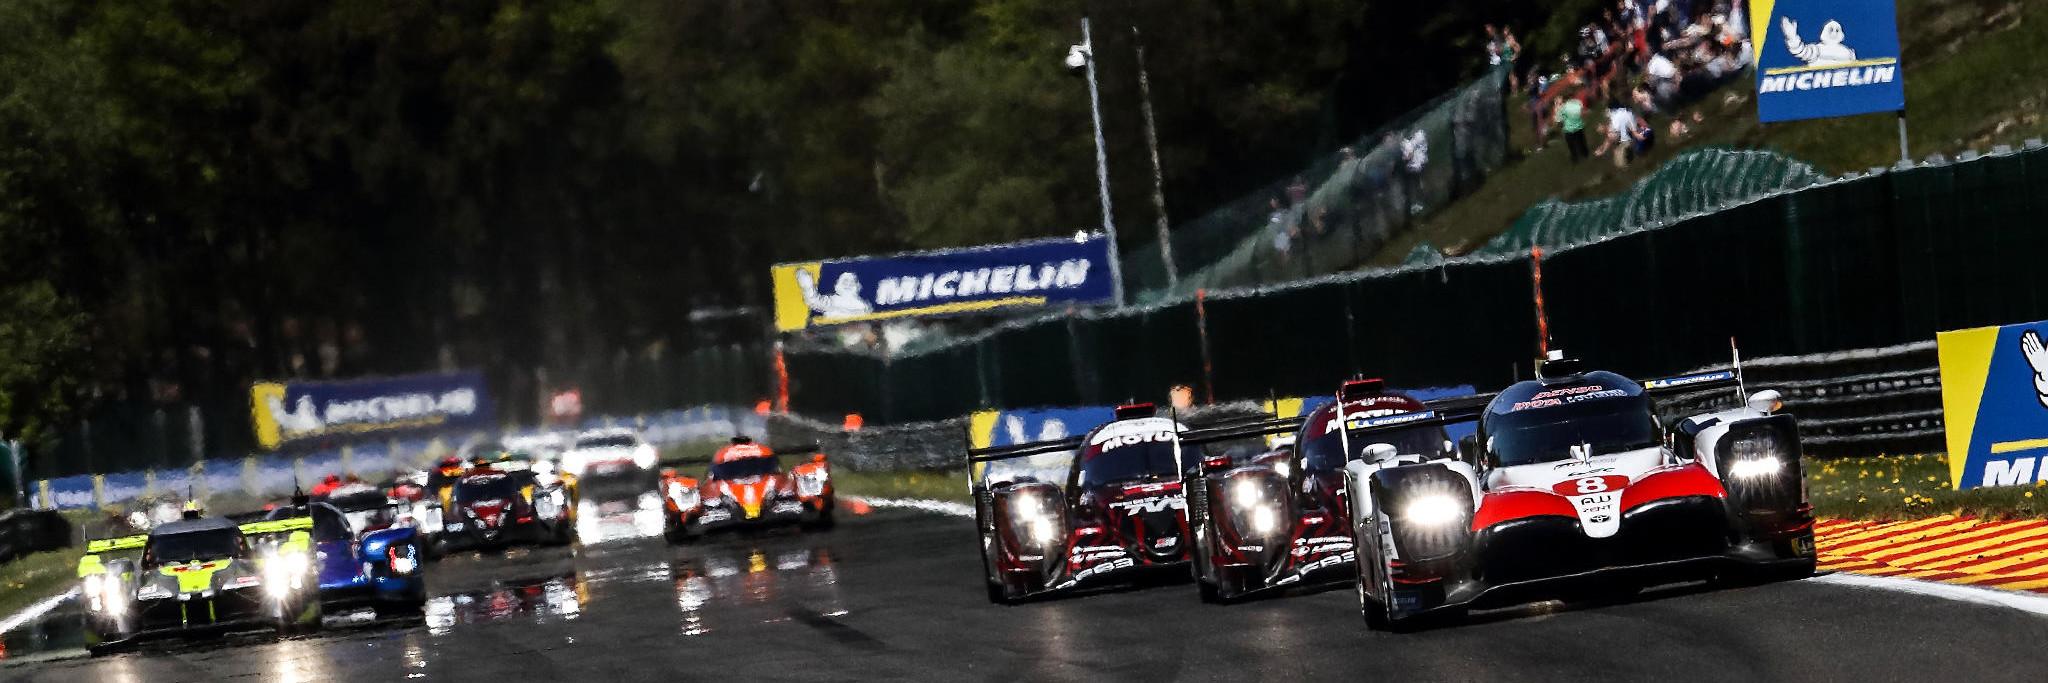 FIA World Endurance Championship (FIA WEC) slide 1